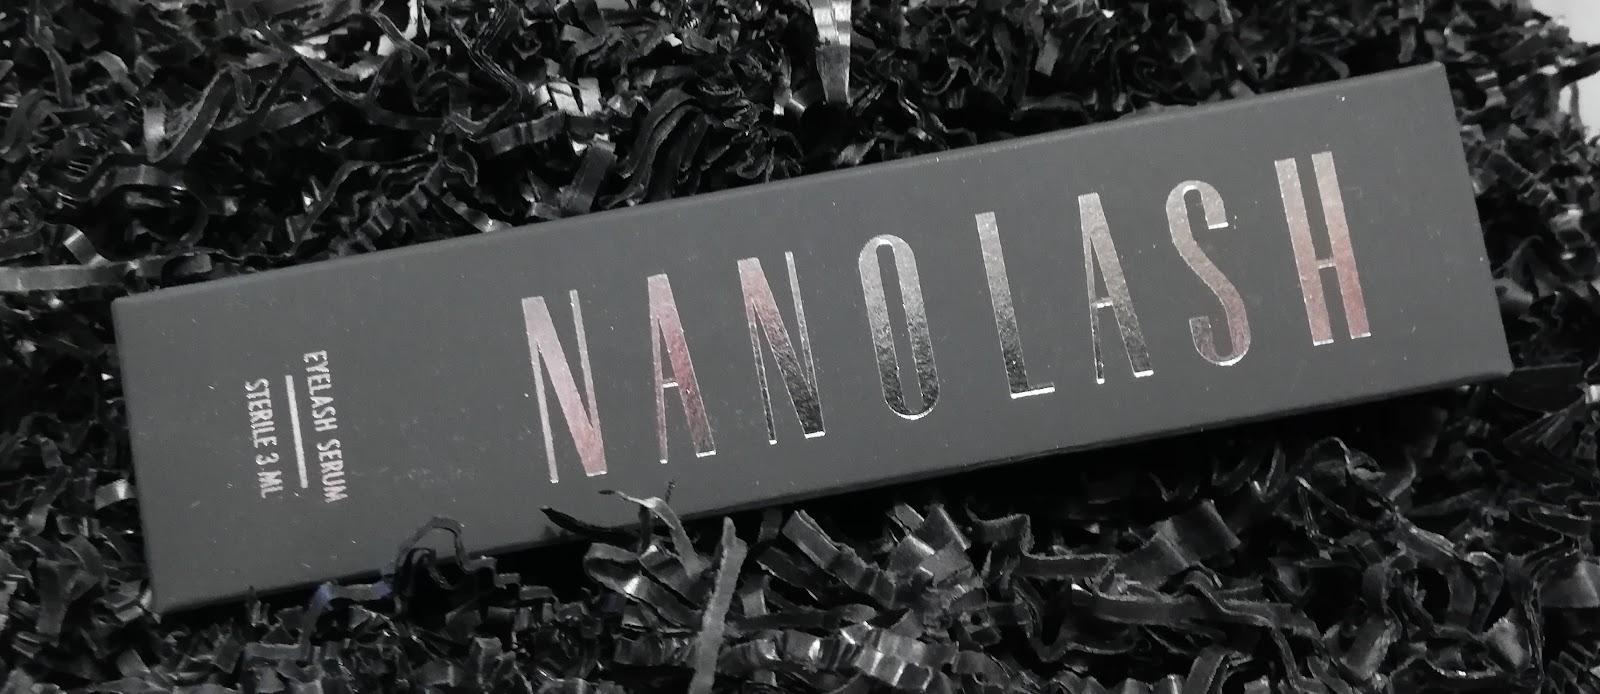 Nanolash serum til øjenvipper